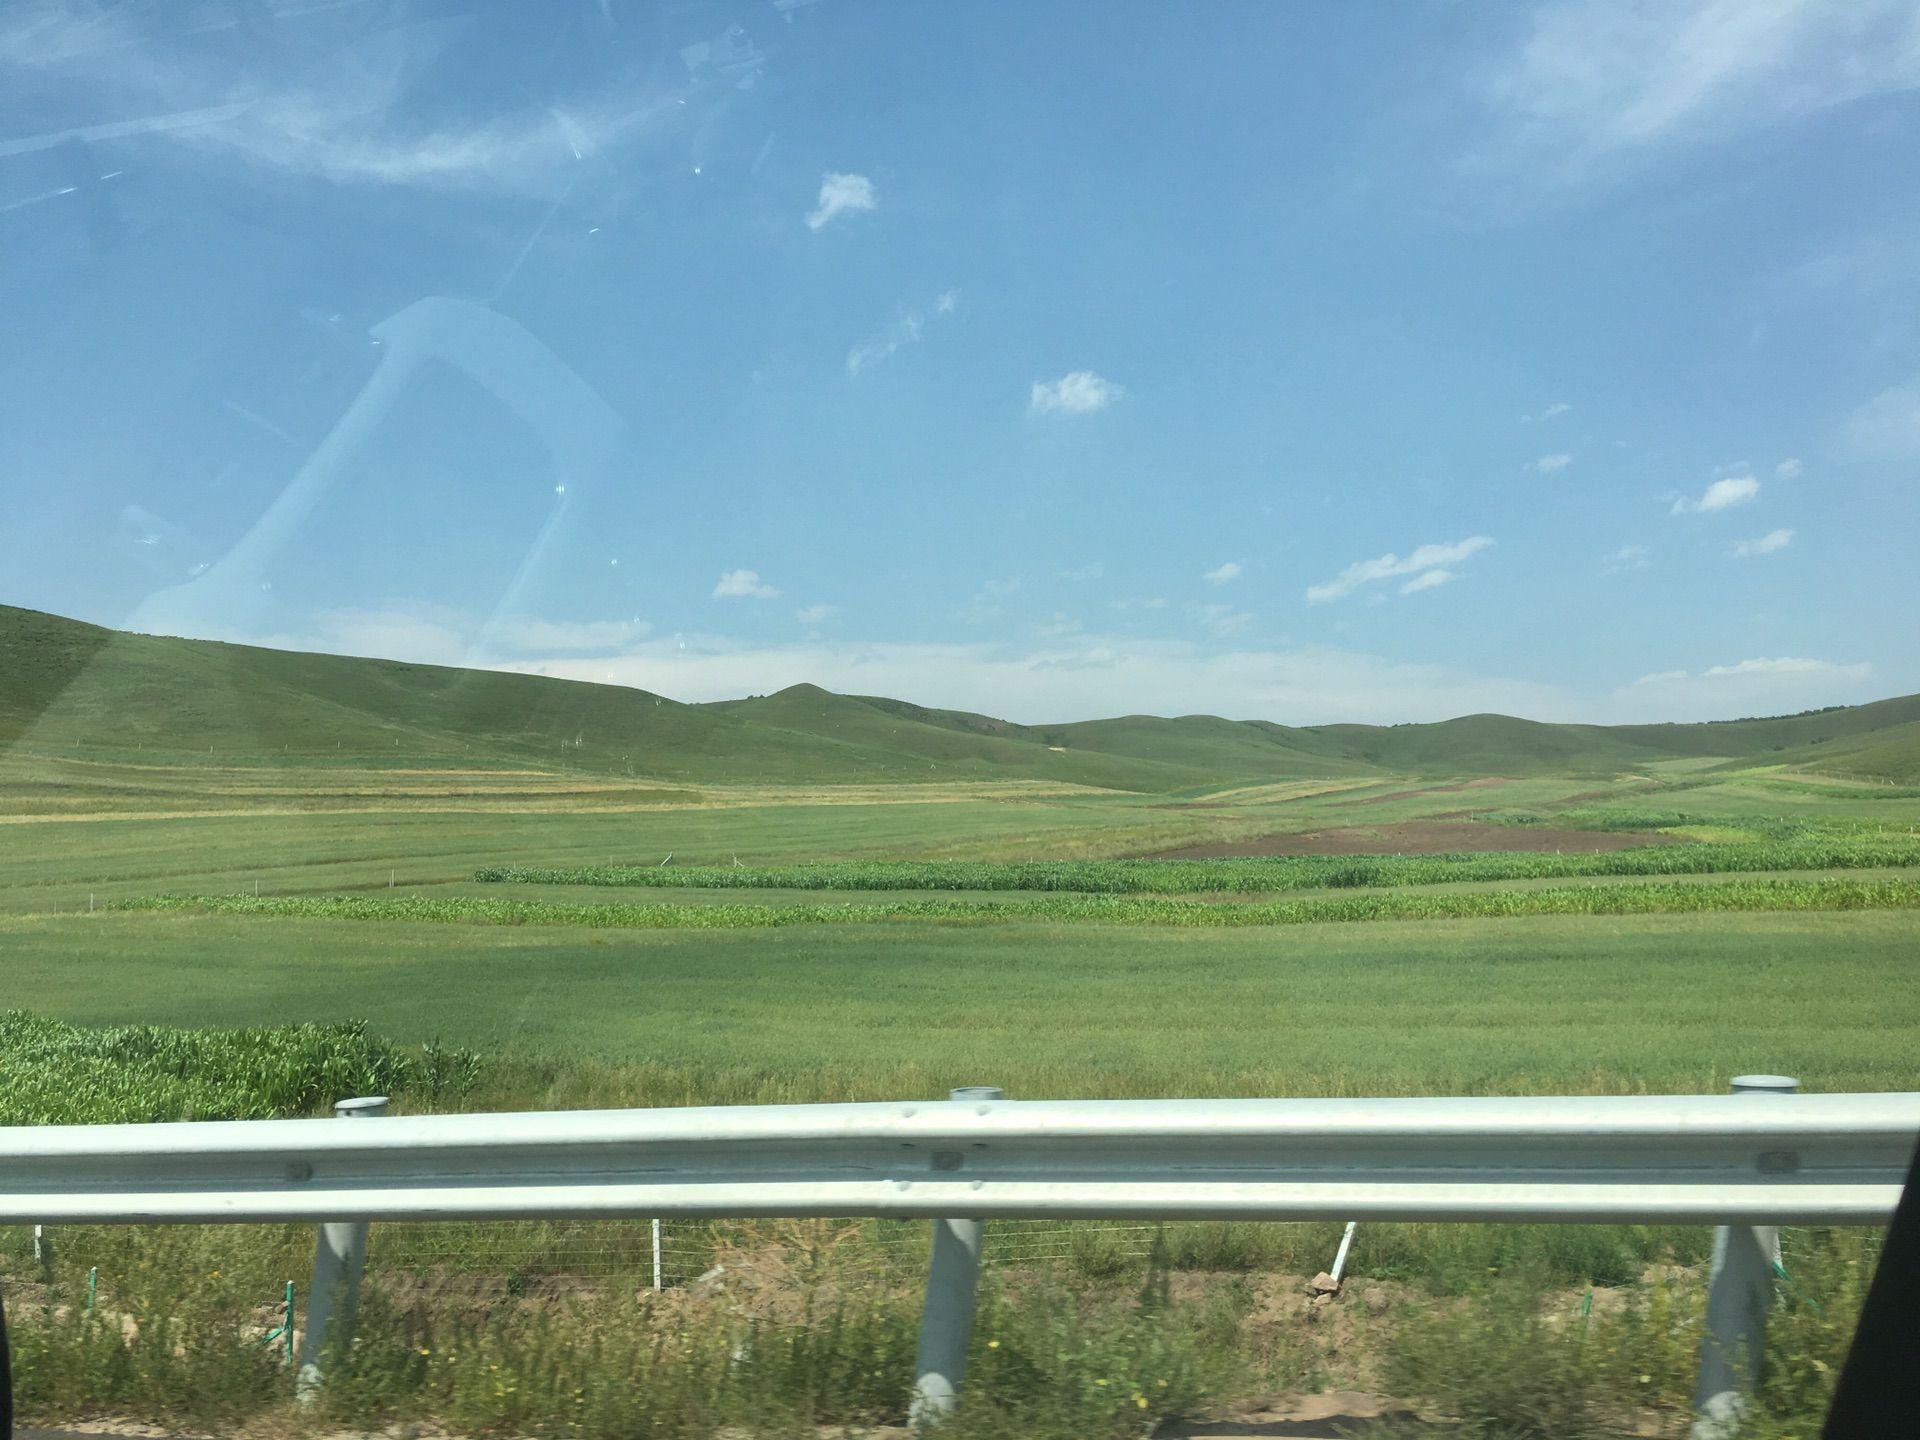 小游坝上草原,看见不一样的美